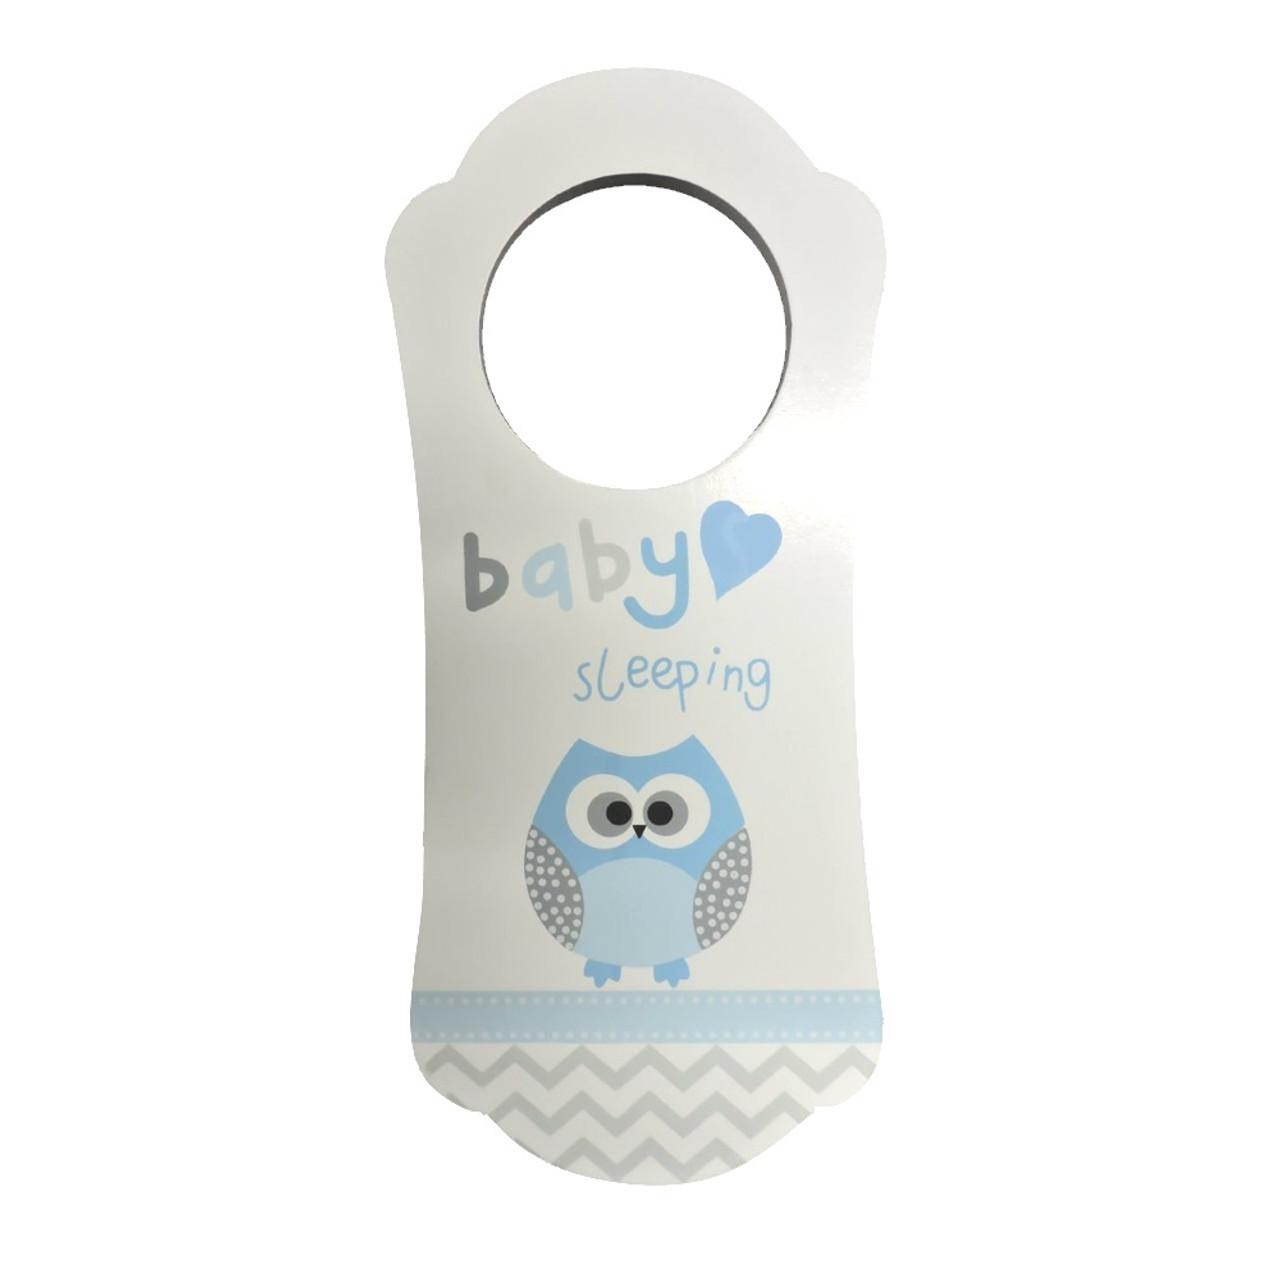 Owl Baby Sleeping Sign Wooden Door Hanger